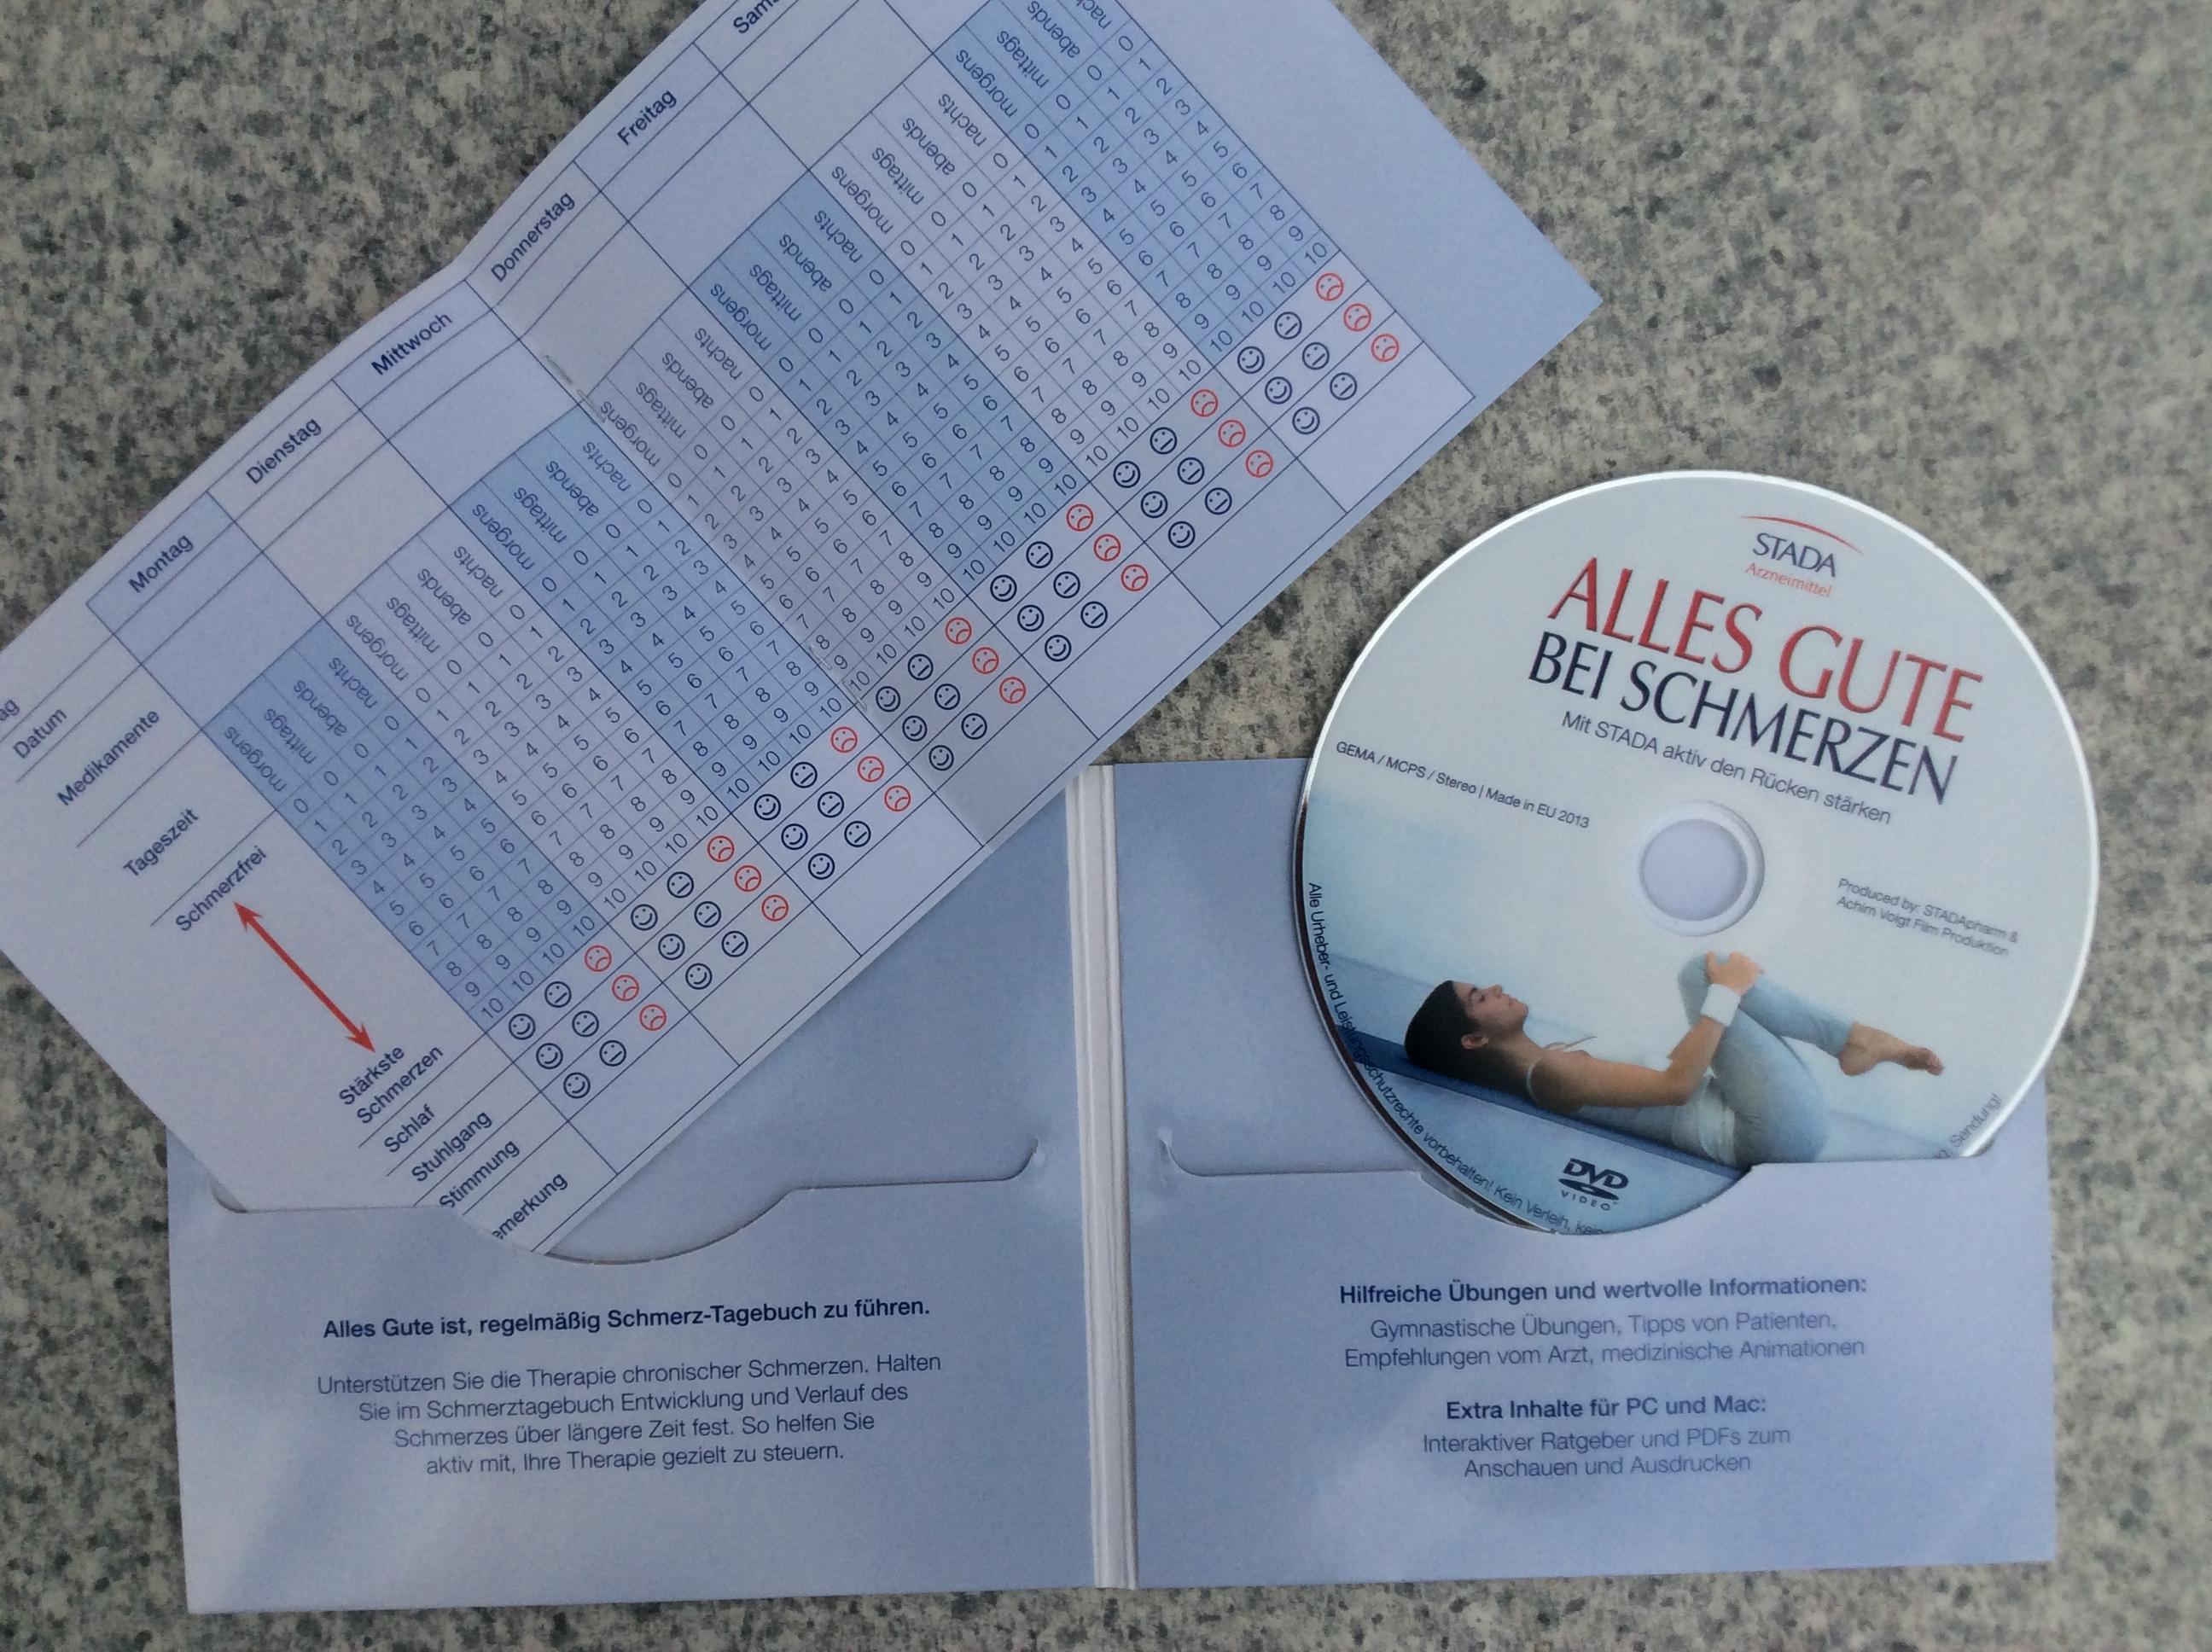 DVD zum Thema Rückenschmerzen incl. Booklet (STADA)